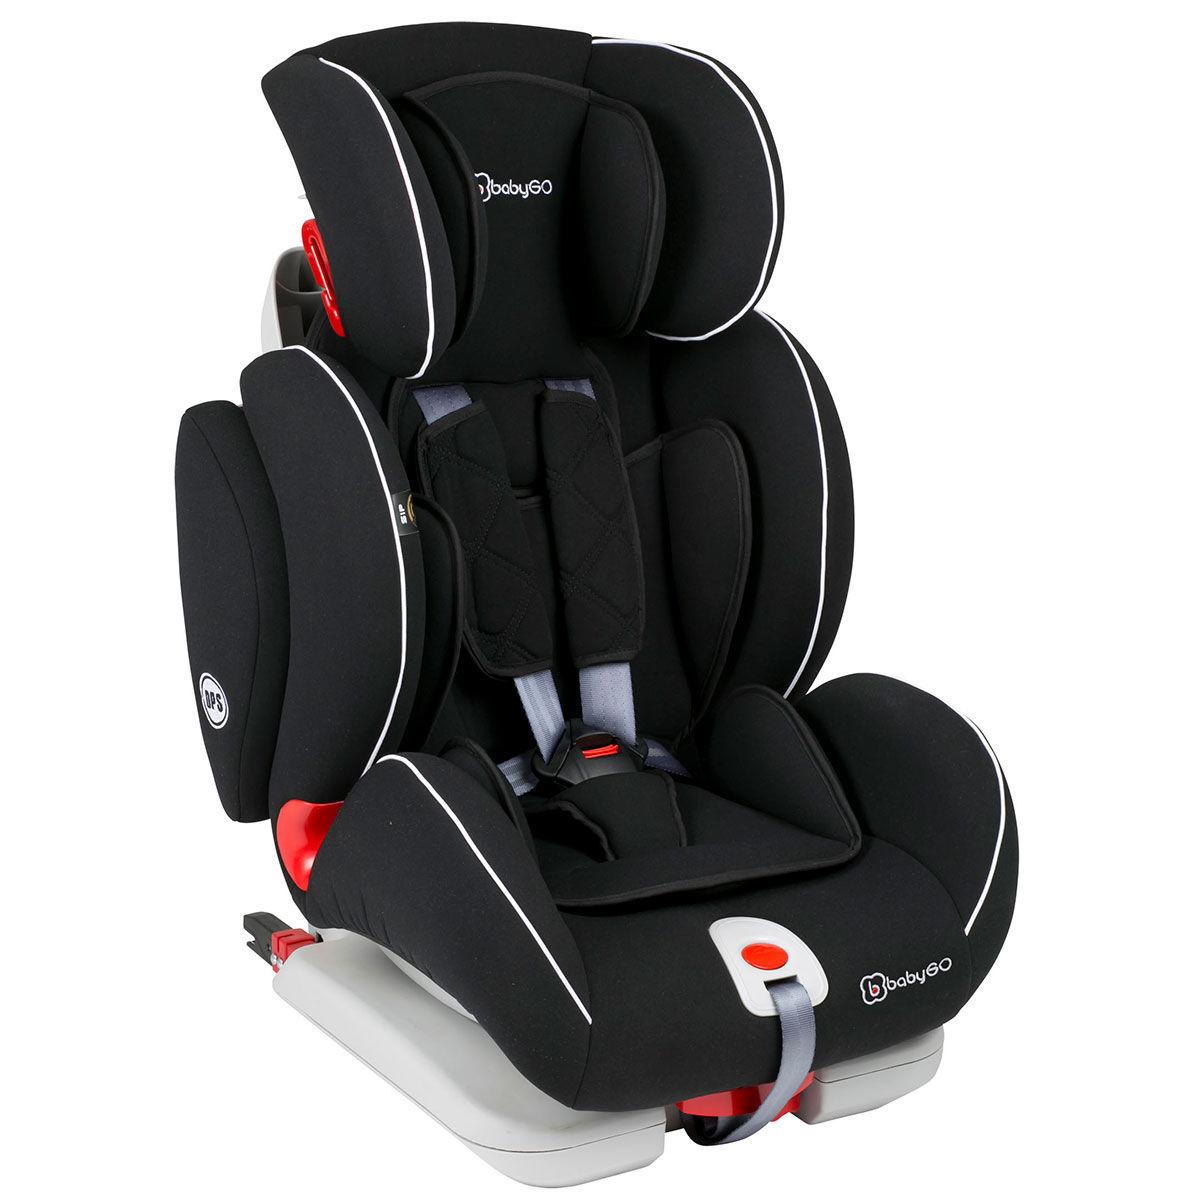 Afbeelding van Autostoel BabyGO Sira IsoFix Zwart (9-36kg)